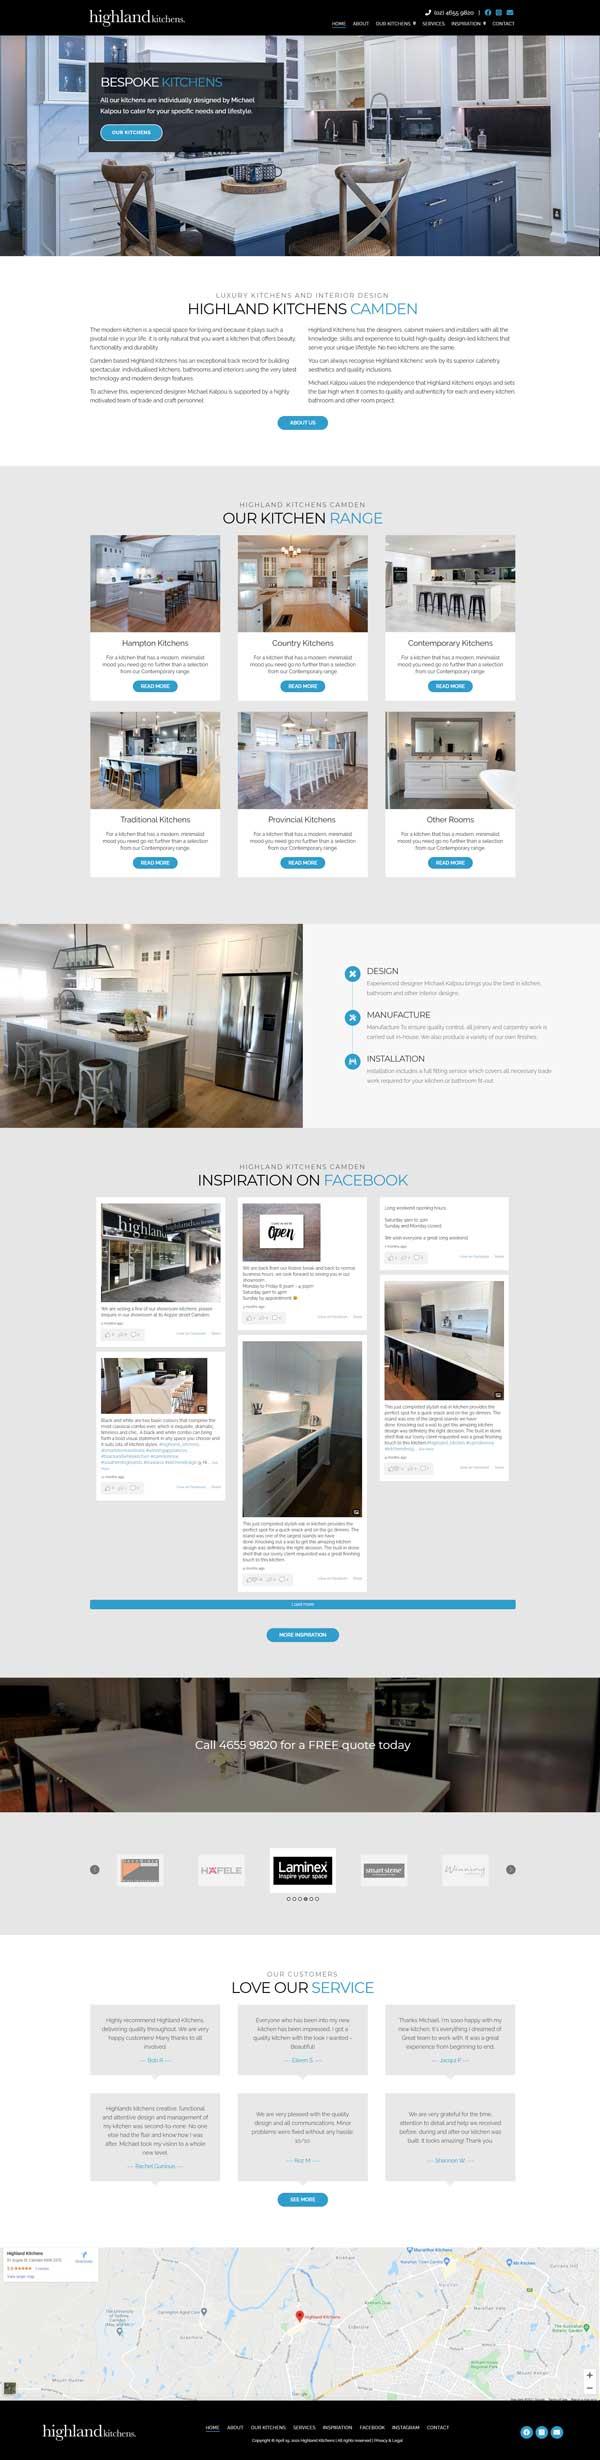 Highland Kitchens website designed by Big Red Bus Websites - ezample 1